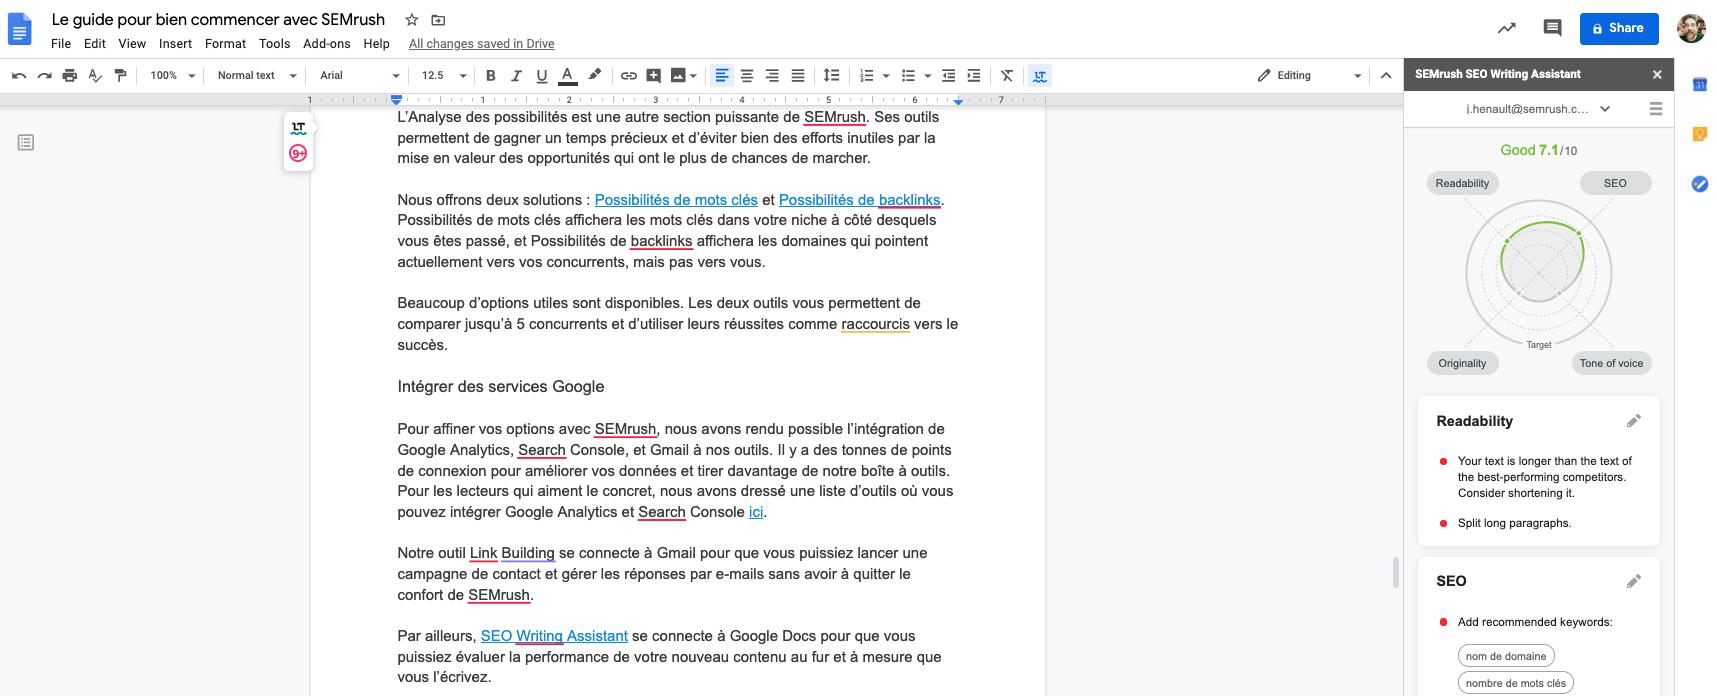 SEMrush Writting Assistant dans Google Doc